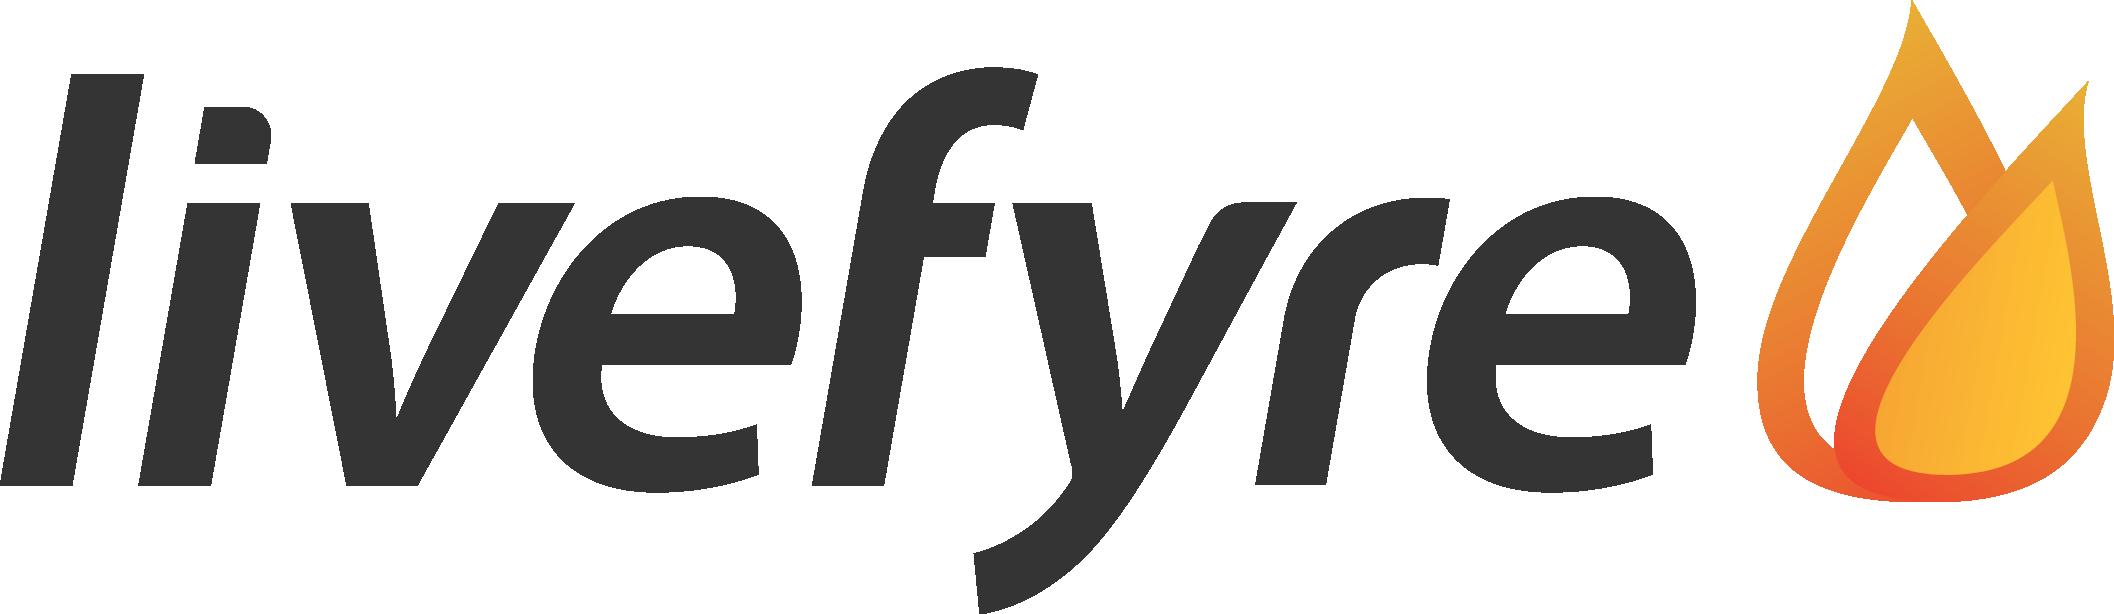 livefyre-logo.png